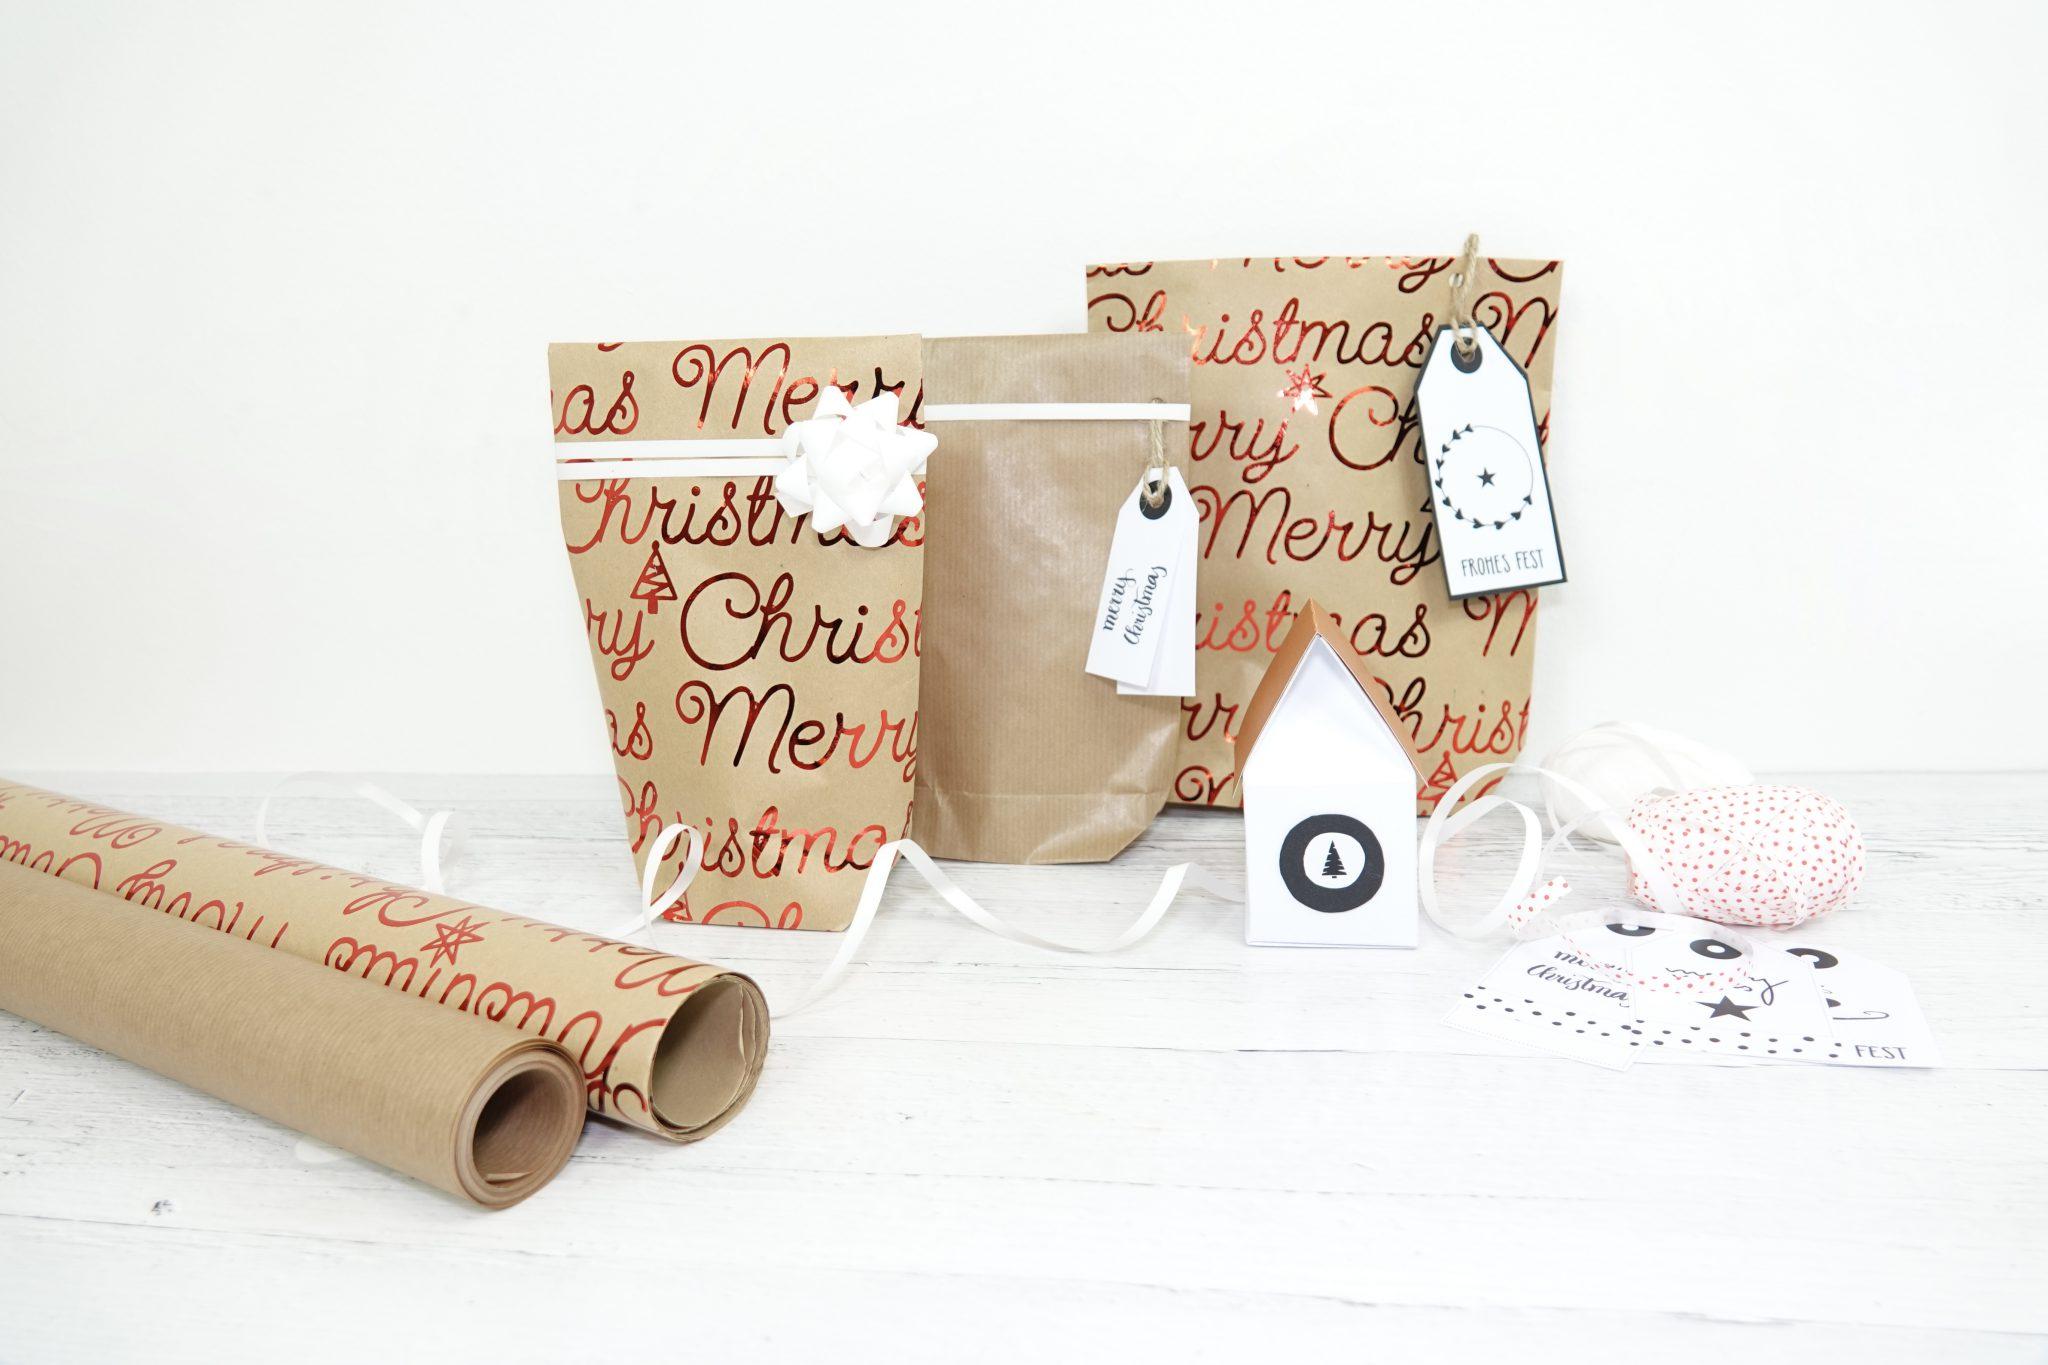 Verschiedene Möglichkeiten, Geschenke kreativ zu verpacken: Geschenktüten und Häuschenverpackung